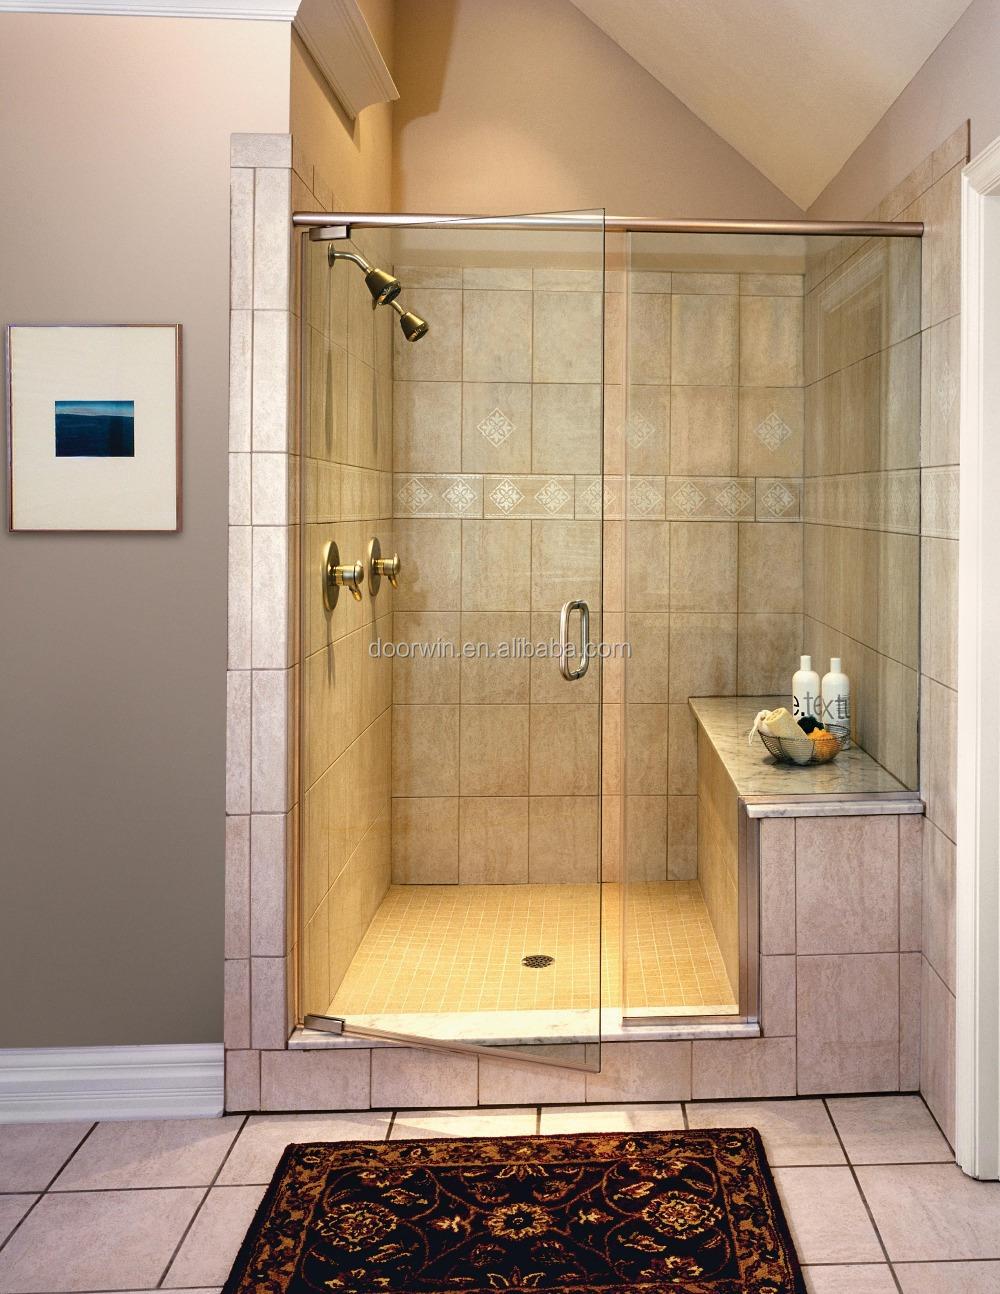 Frameless Glass Accordion Swing Shower Doors,Shower With Door - Buy ...